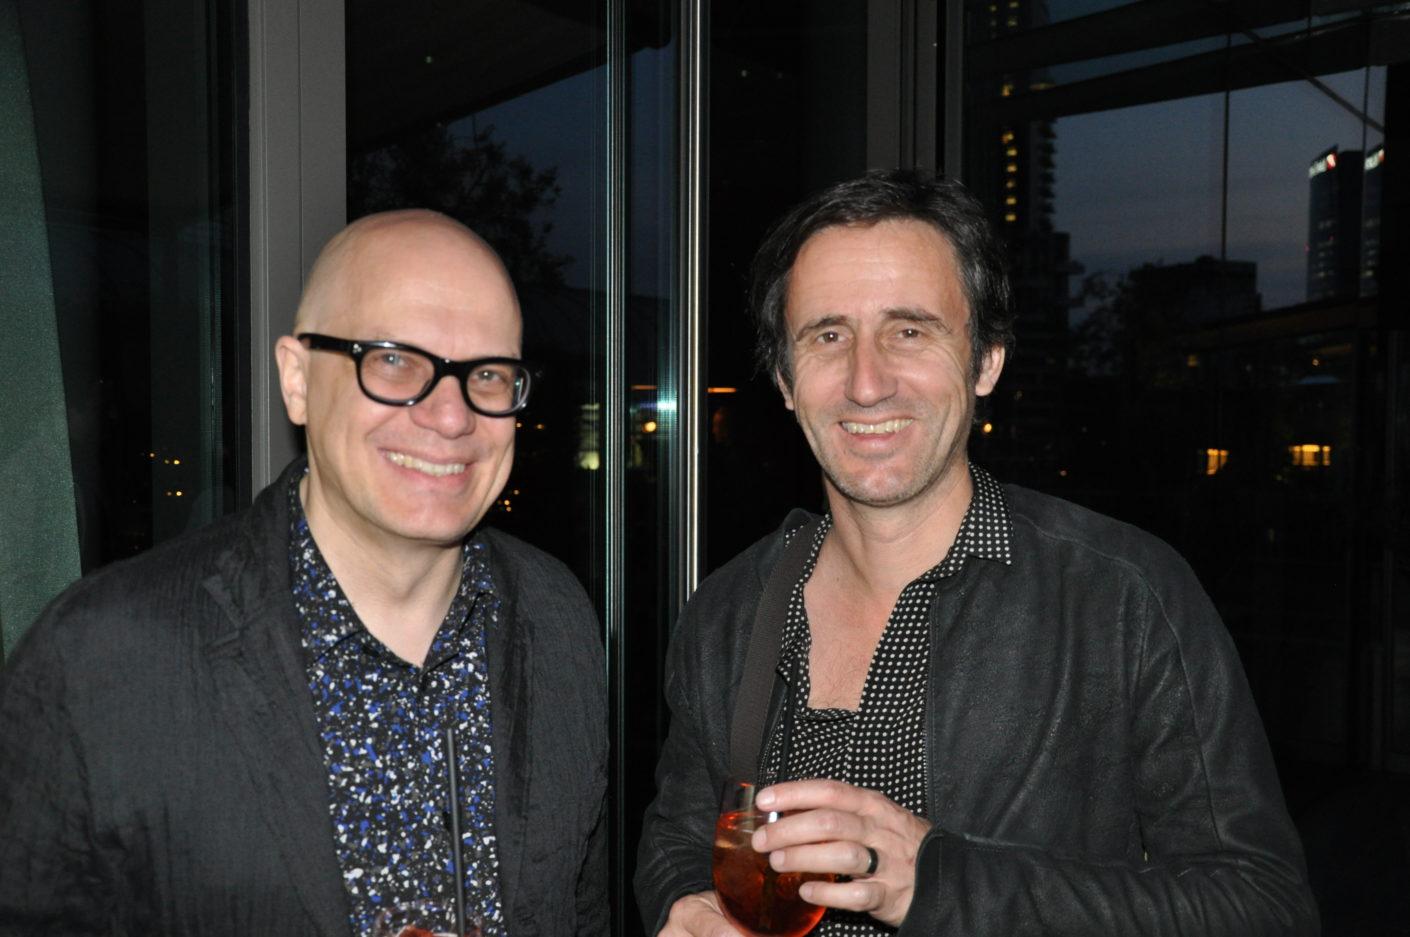 Peter Ippolito und Gunter Fleitz, Gloster Cocktail, Salone 2017